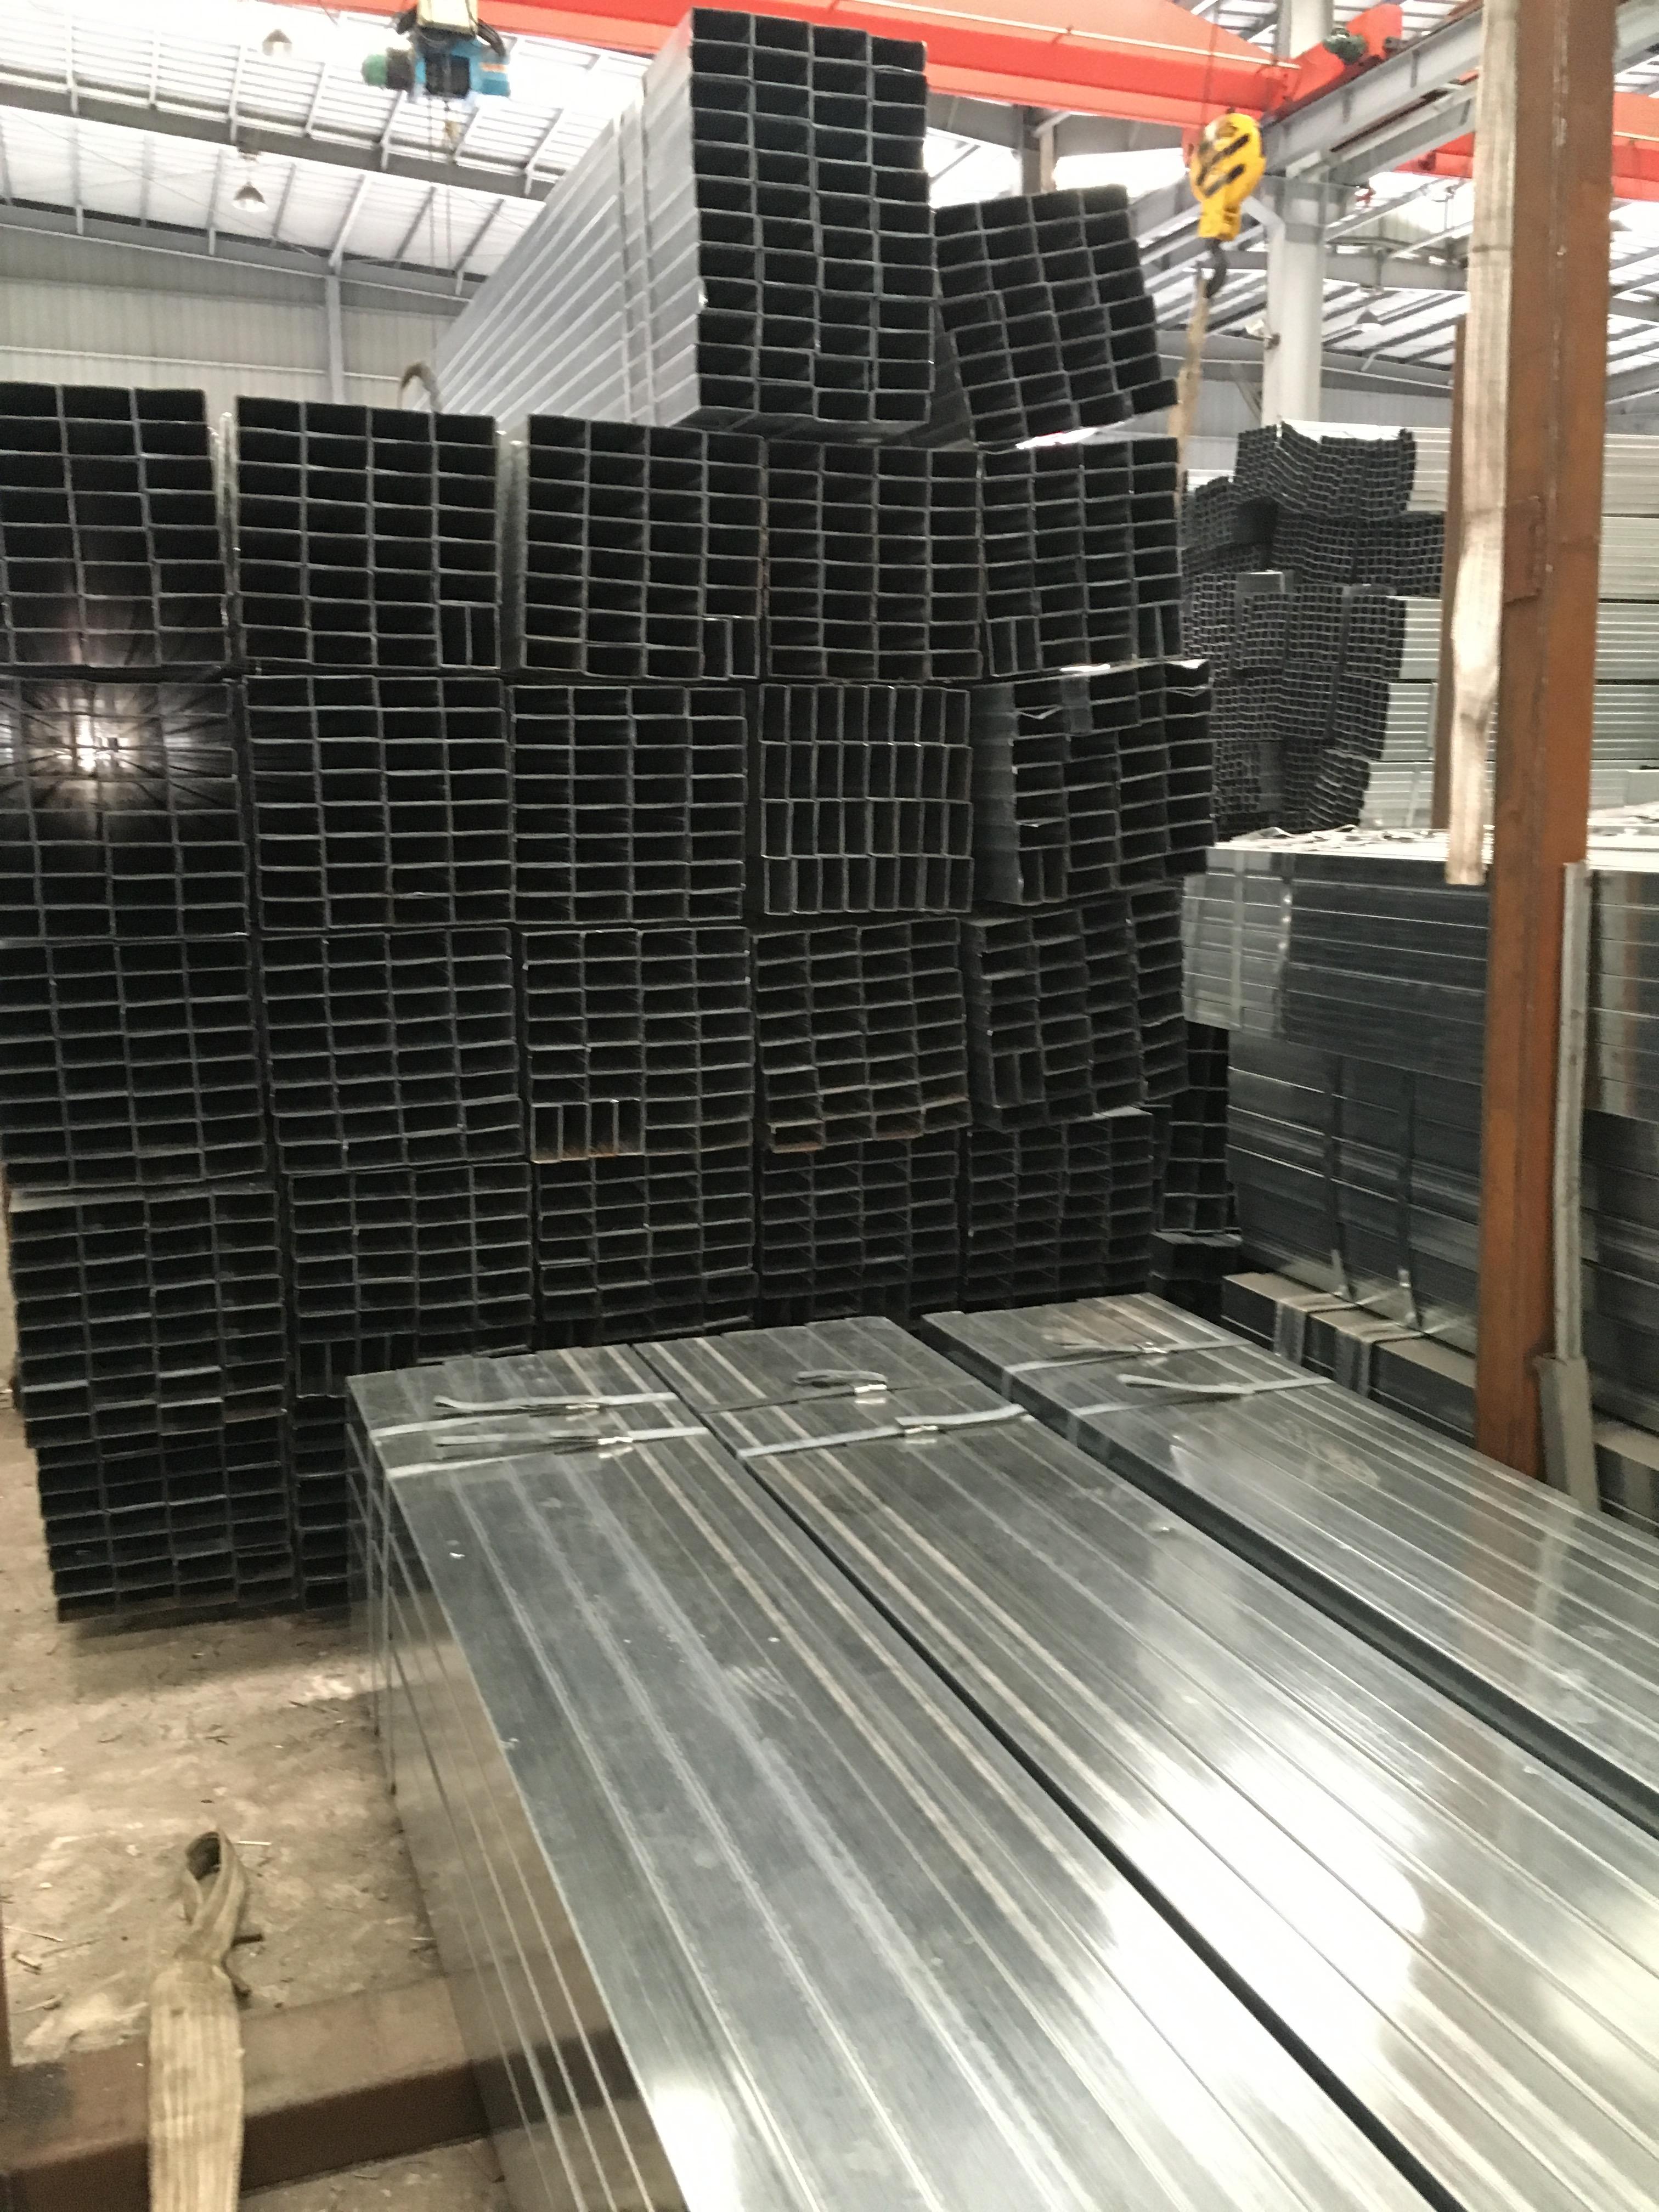 镀锌方管价格,镀锌方管厂家,镀锌方管优质供应,镀锌方管相关信息,镀锌方管哪里有卖,镀锌方管